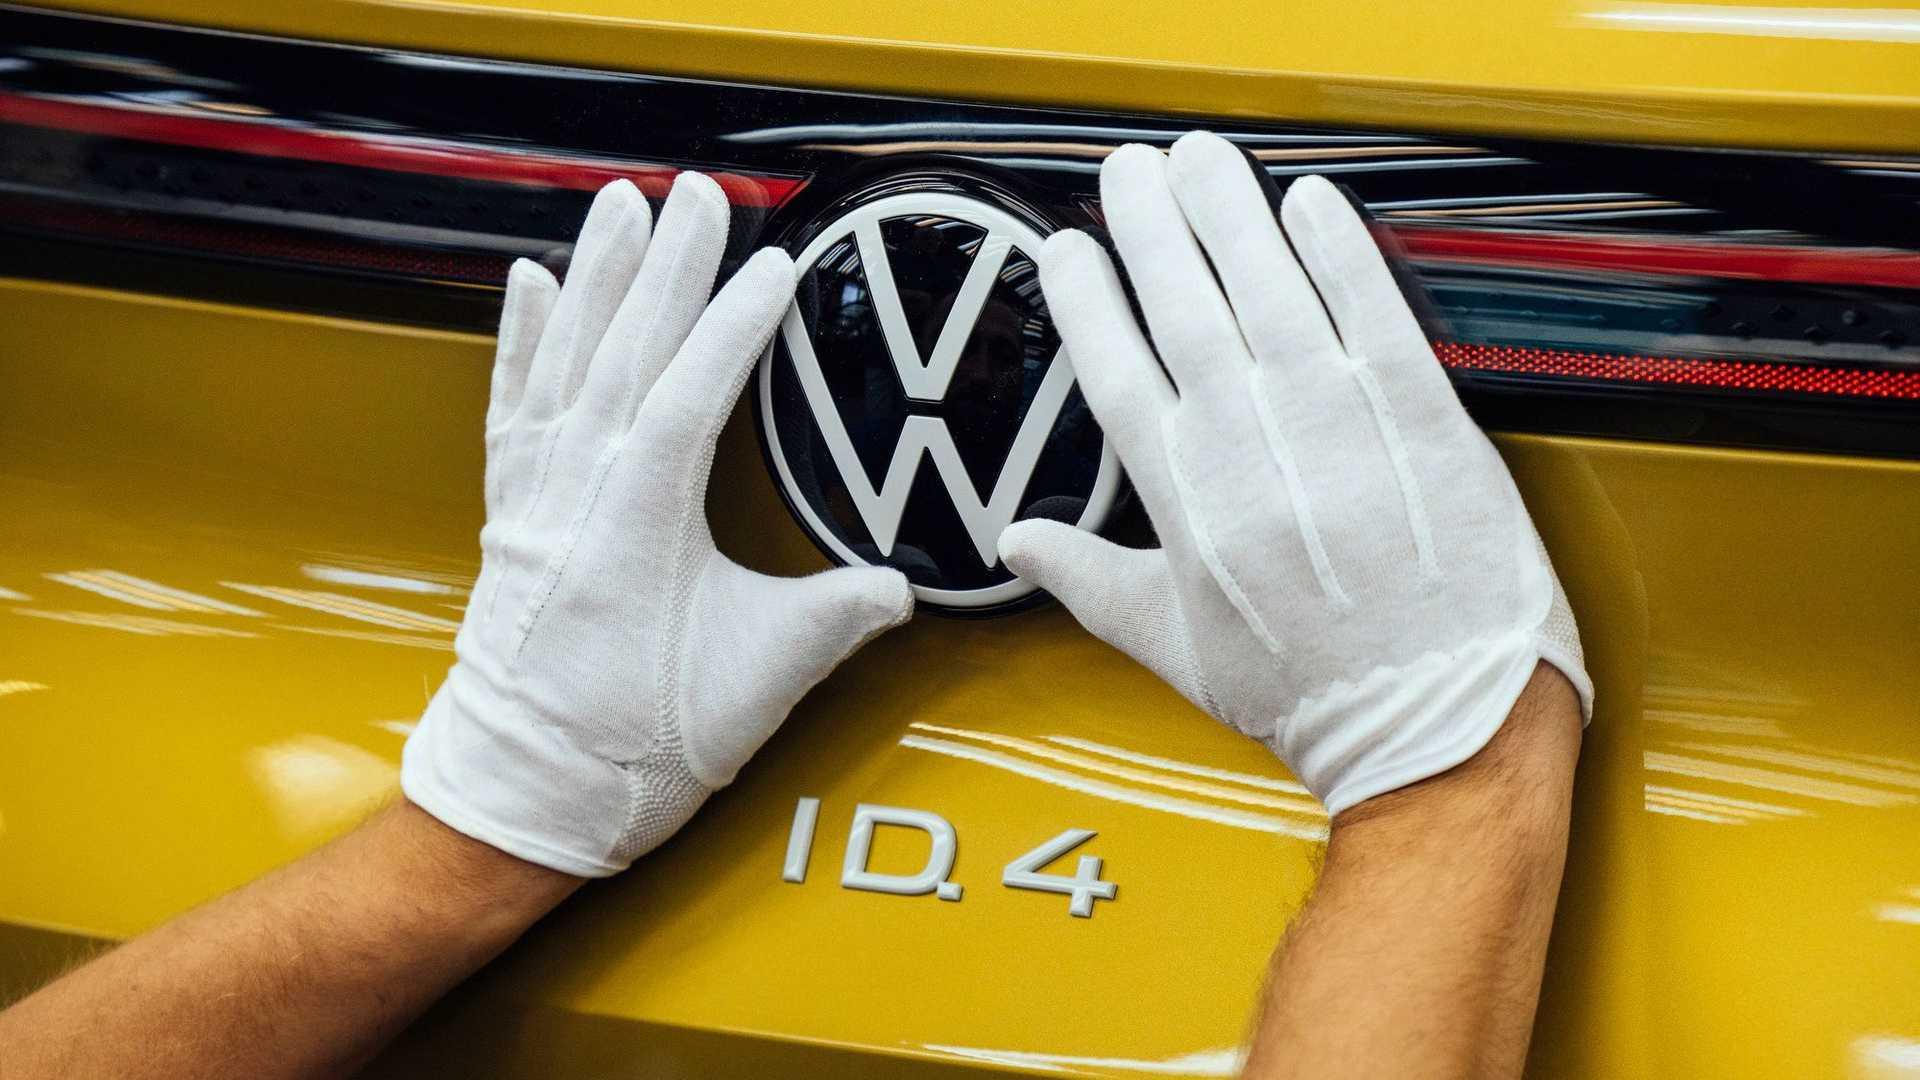 Volkswagen Id 4 Badge